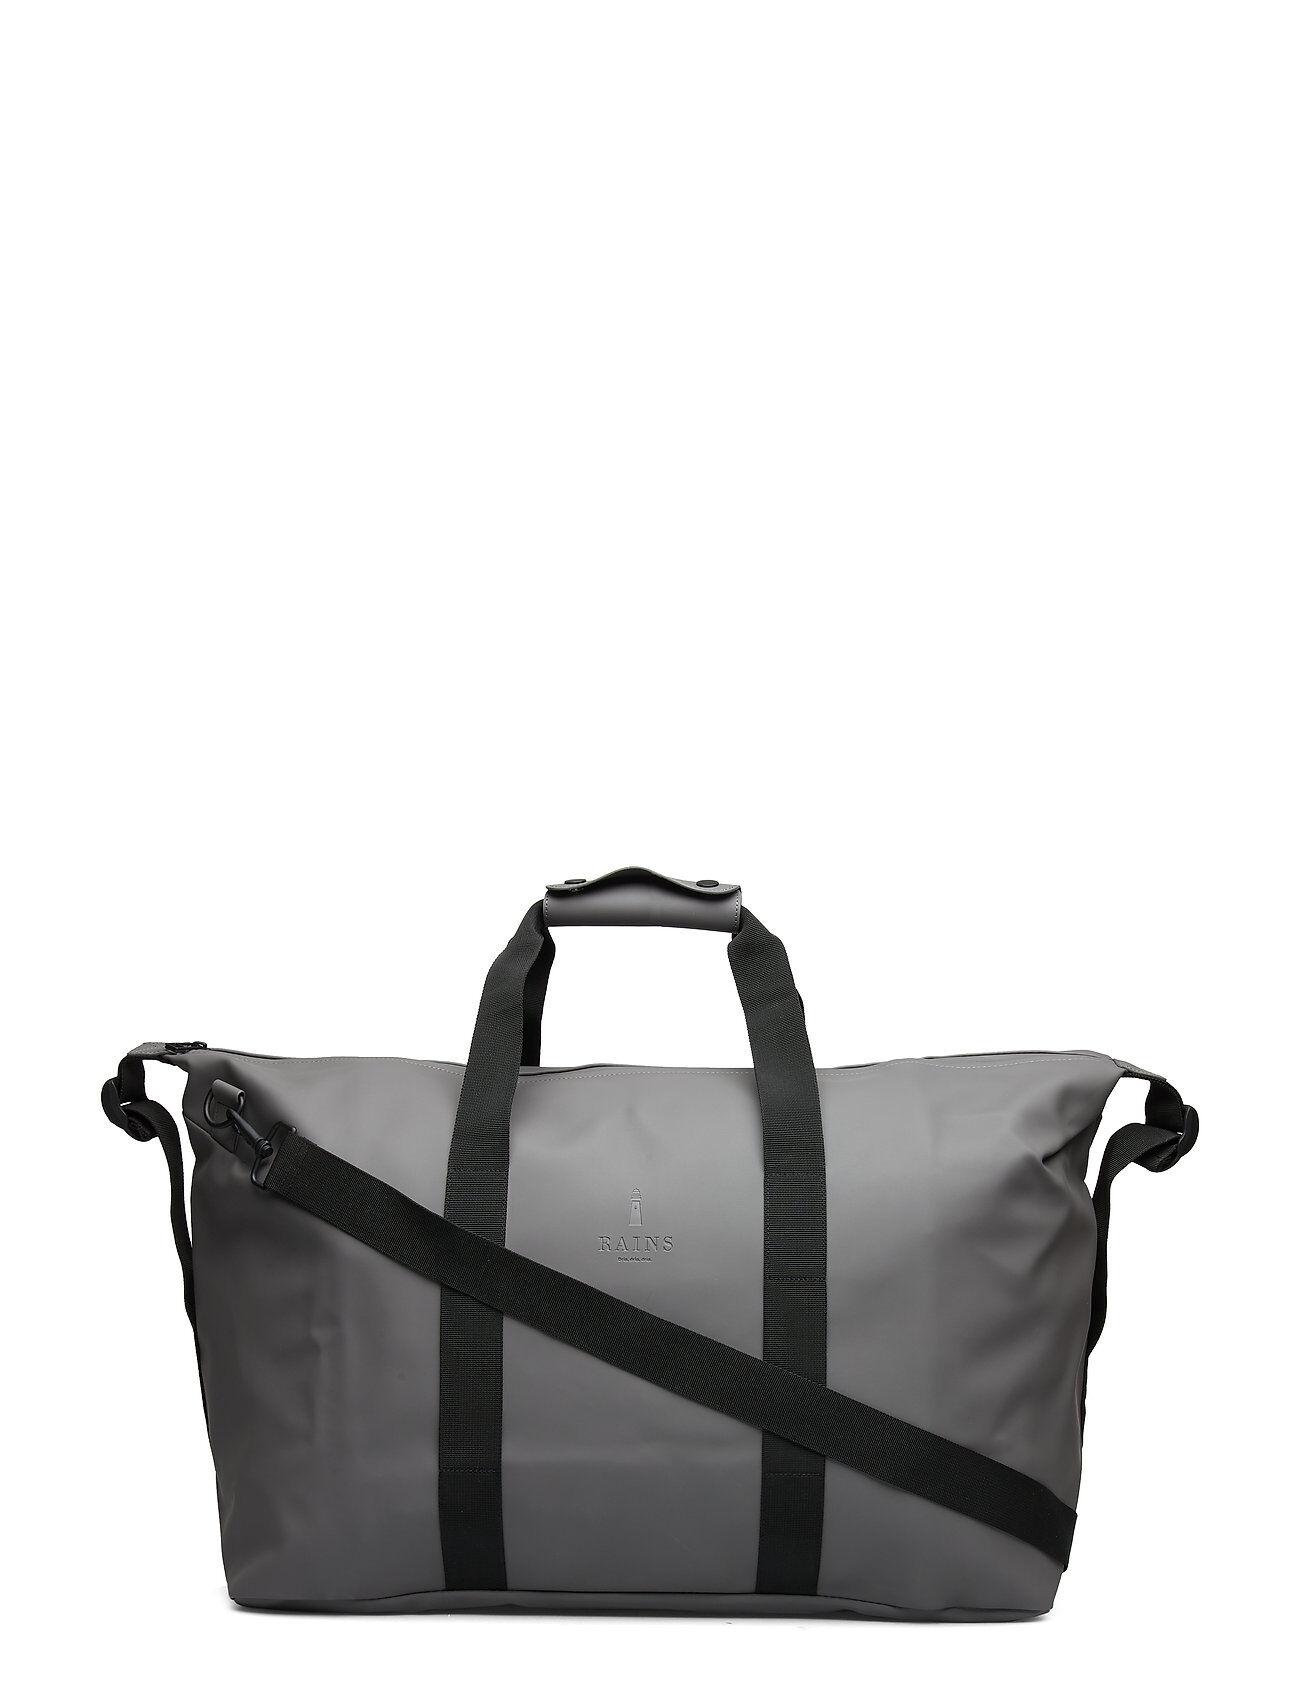 Rains Weekend Bag Bags Weekend & Gym Bags Harmaa Rains